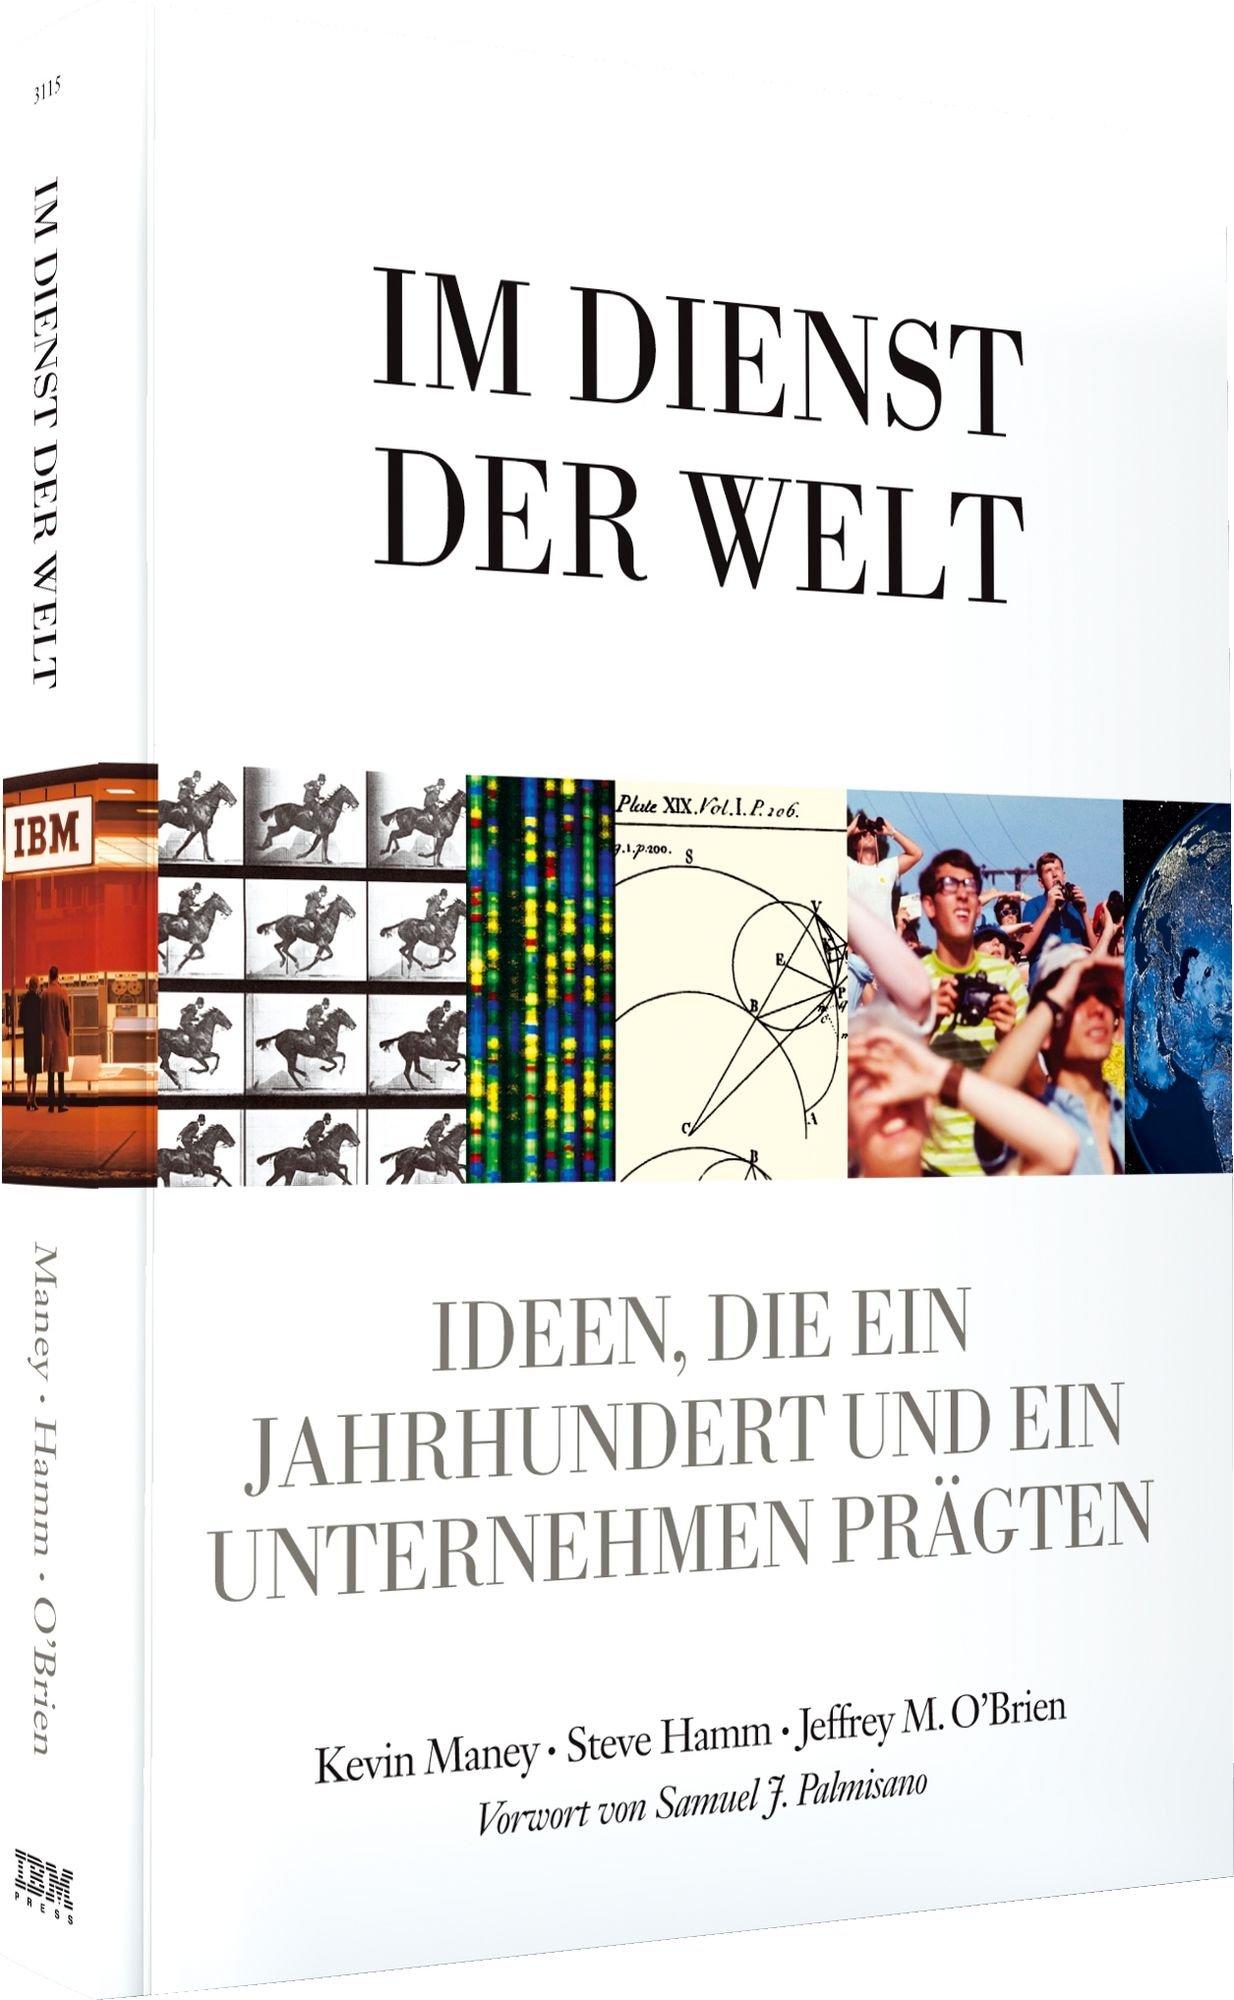 Im Dienst der Welt - Hundert Jahre IBM - mit einem Vorwort von Samuel J. Palmisano: Ideen, die ein Jahrhundert und ein Unternehmen prägten (Sonstige Bücher AW)